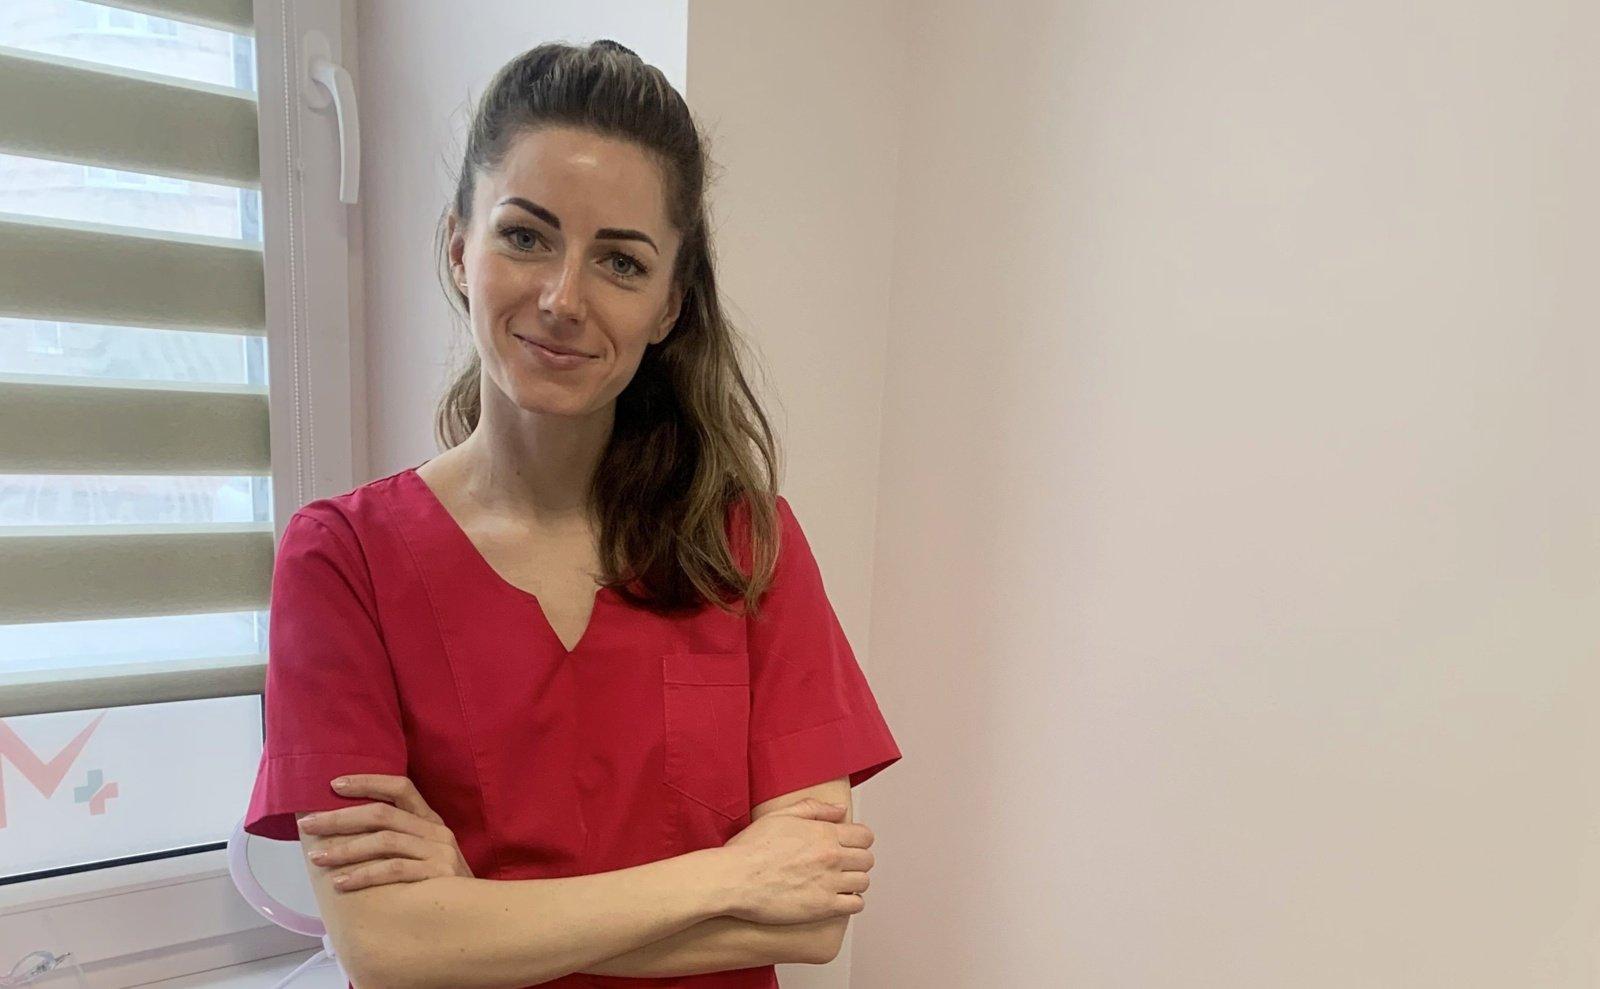 Jauniausia rajono sveikatos priežiūros įstaigos vadovė dirba Eržvilke